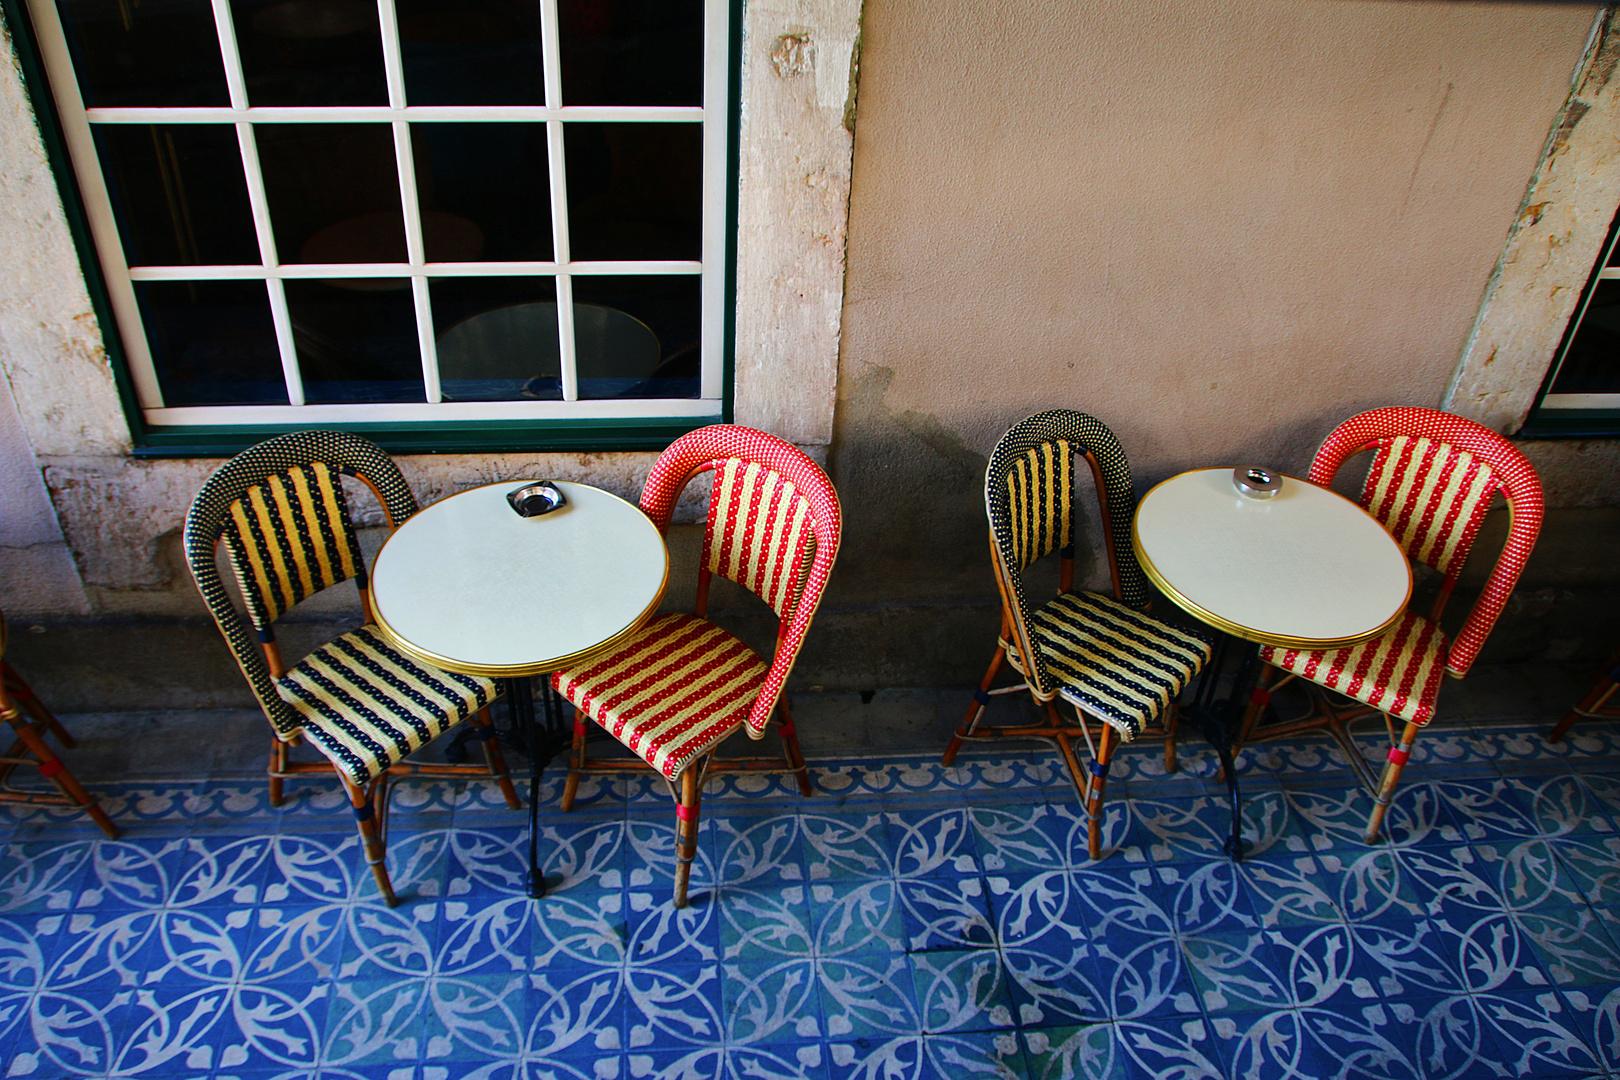 bitte nehmen sie platz foto bild world retro stillleben bilder auf fotocommunity. Black Bedroom Furniture Sets. Home Design Ideas